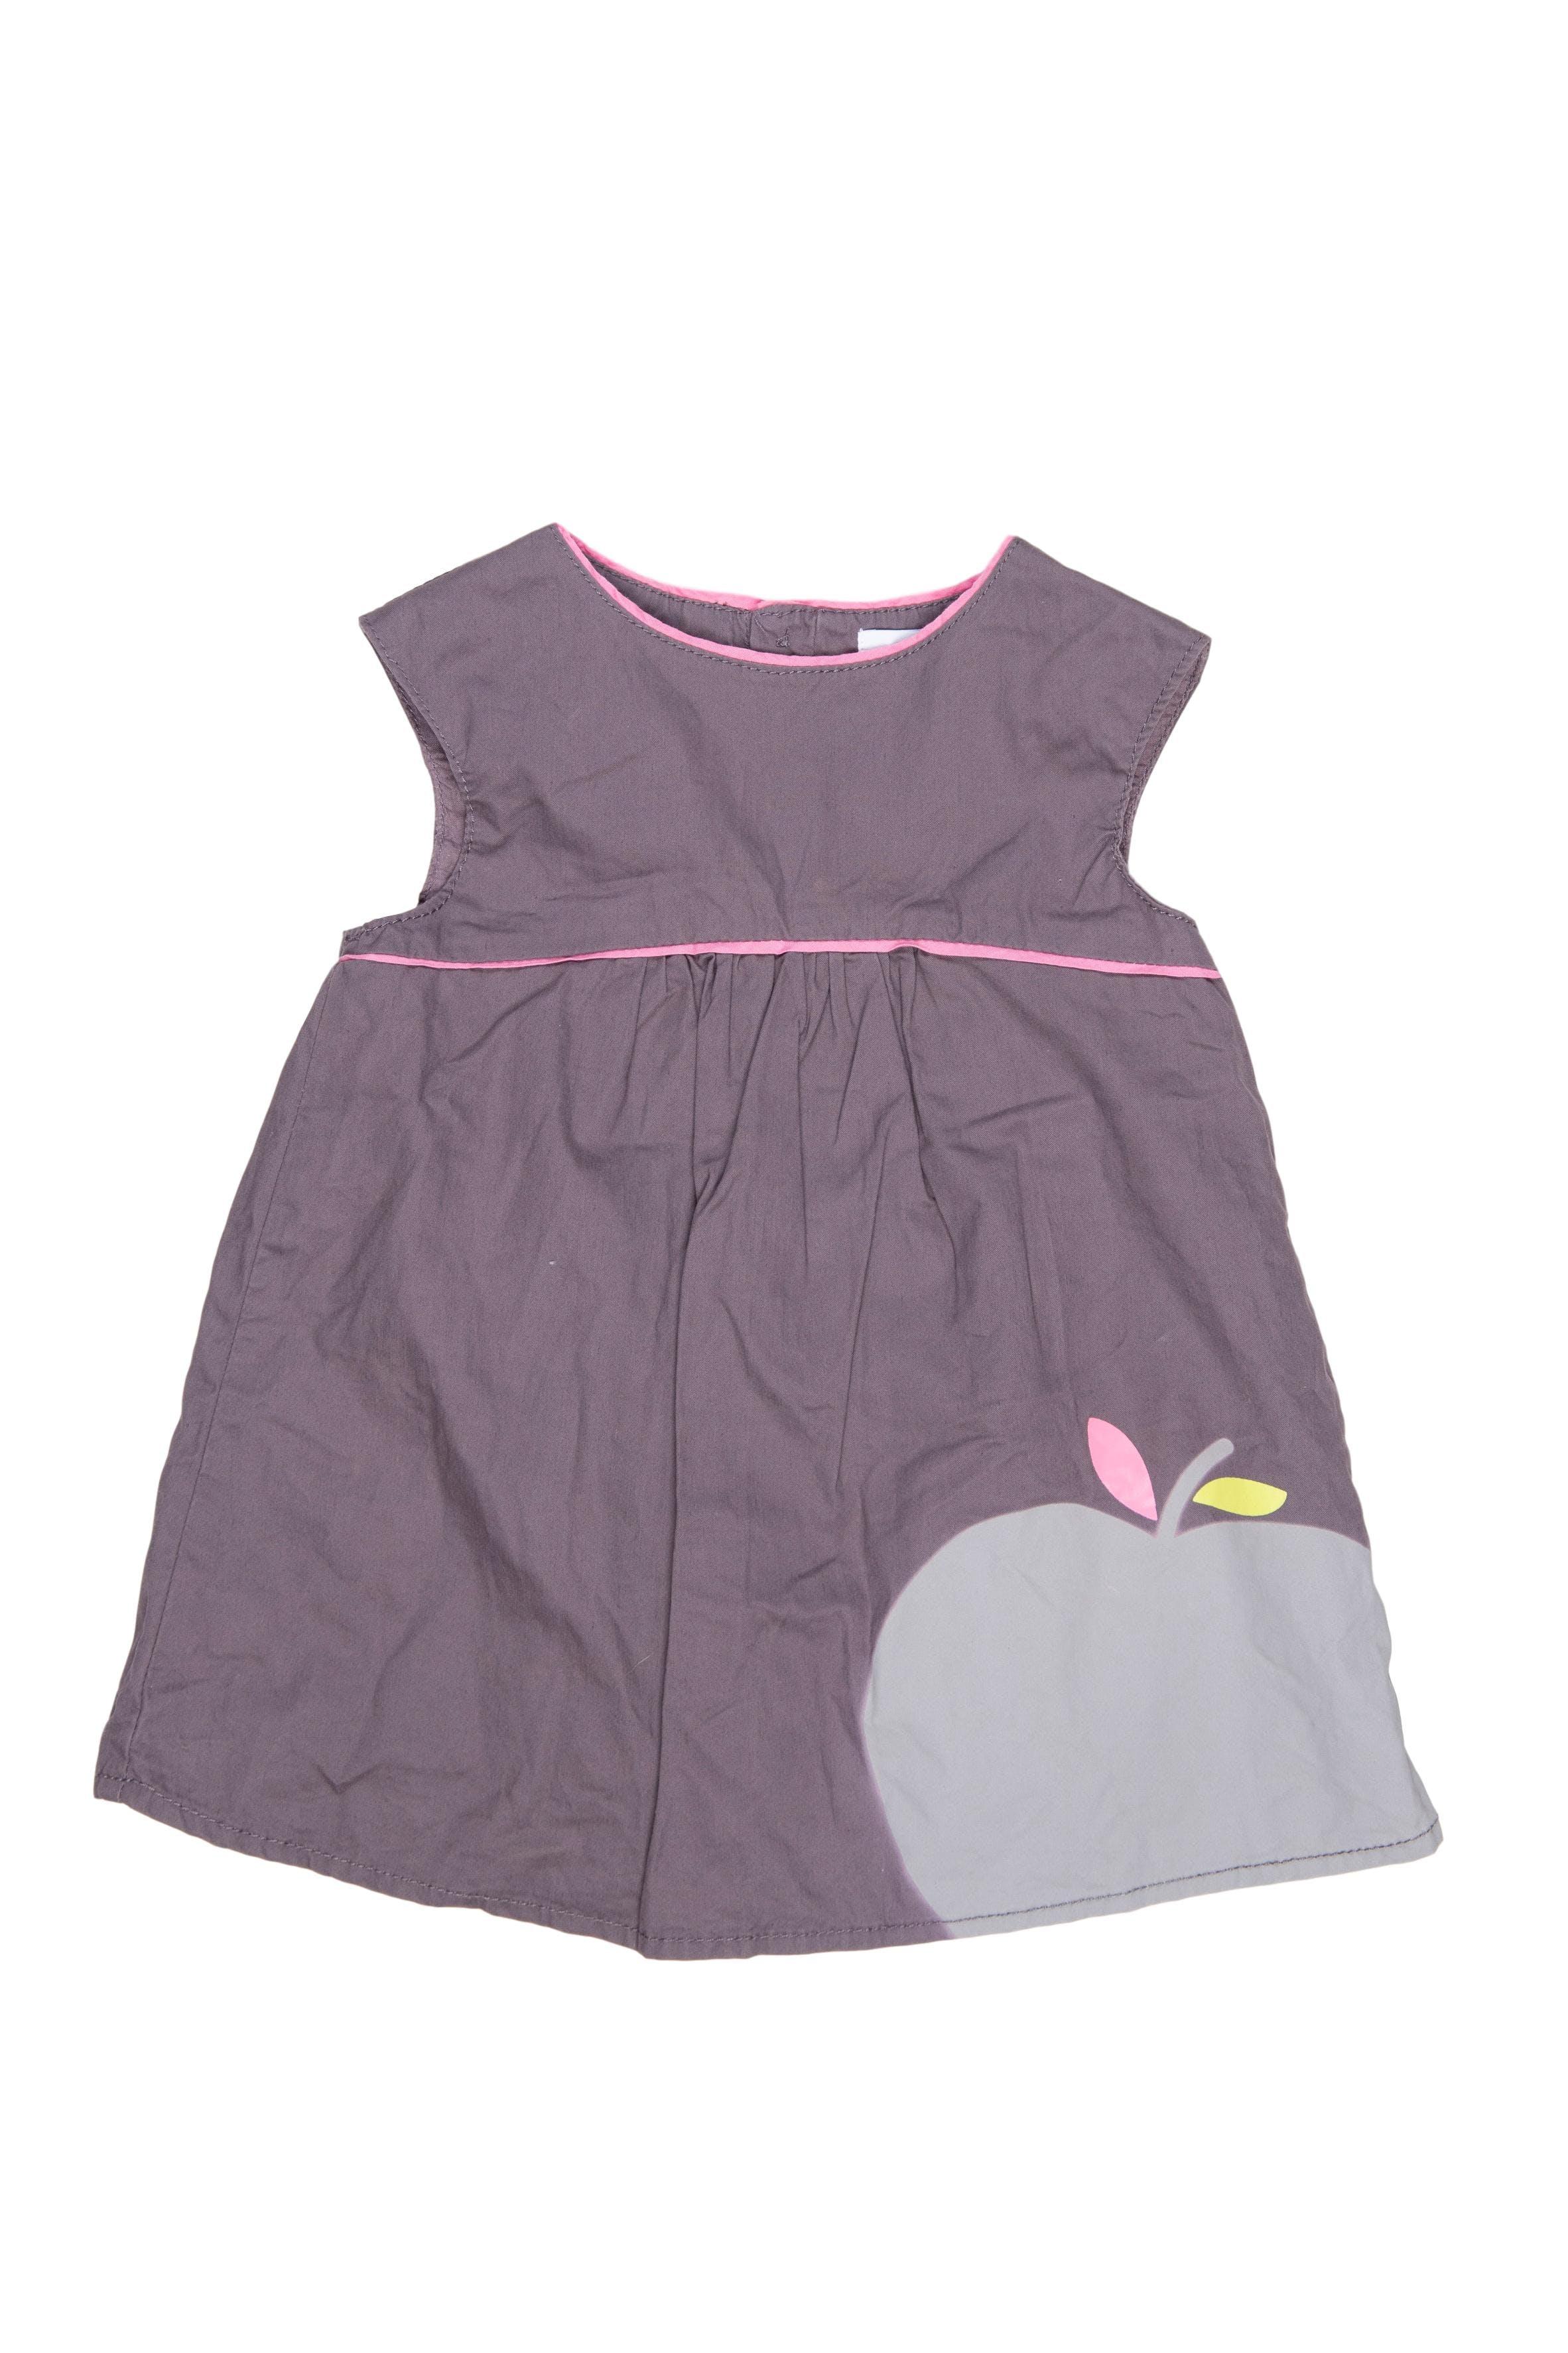 Vestido color gris estampado de manzana, con forro - Obaibi